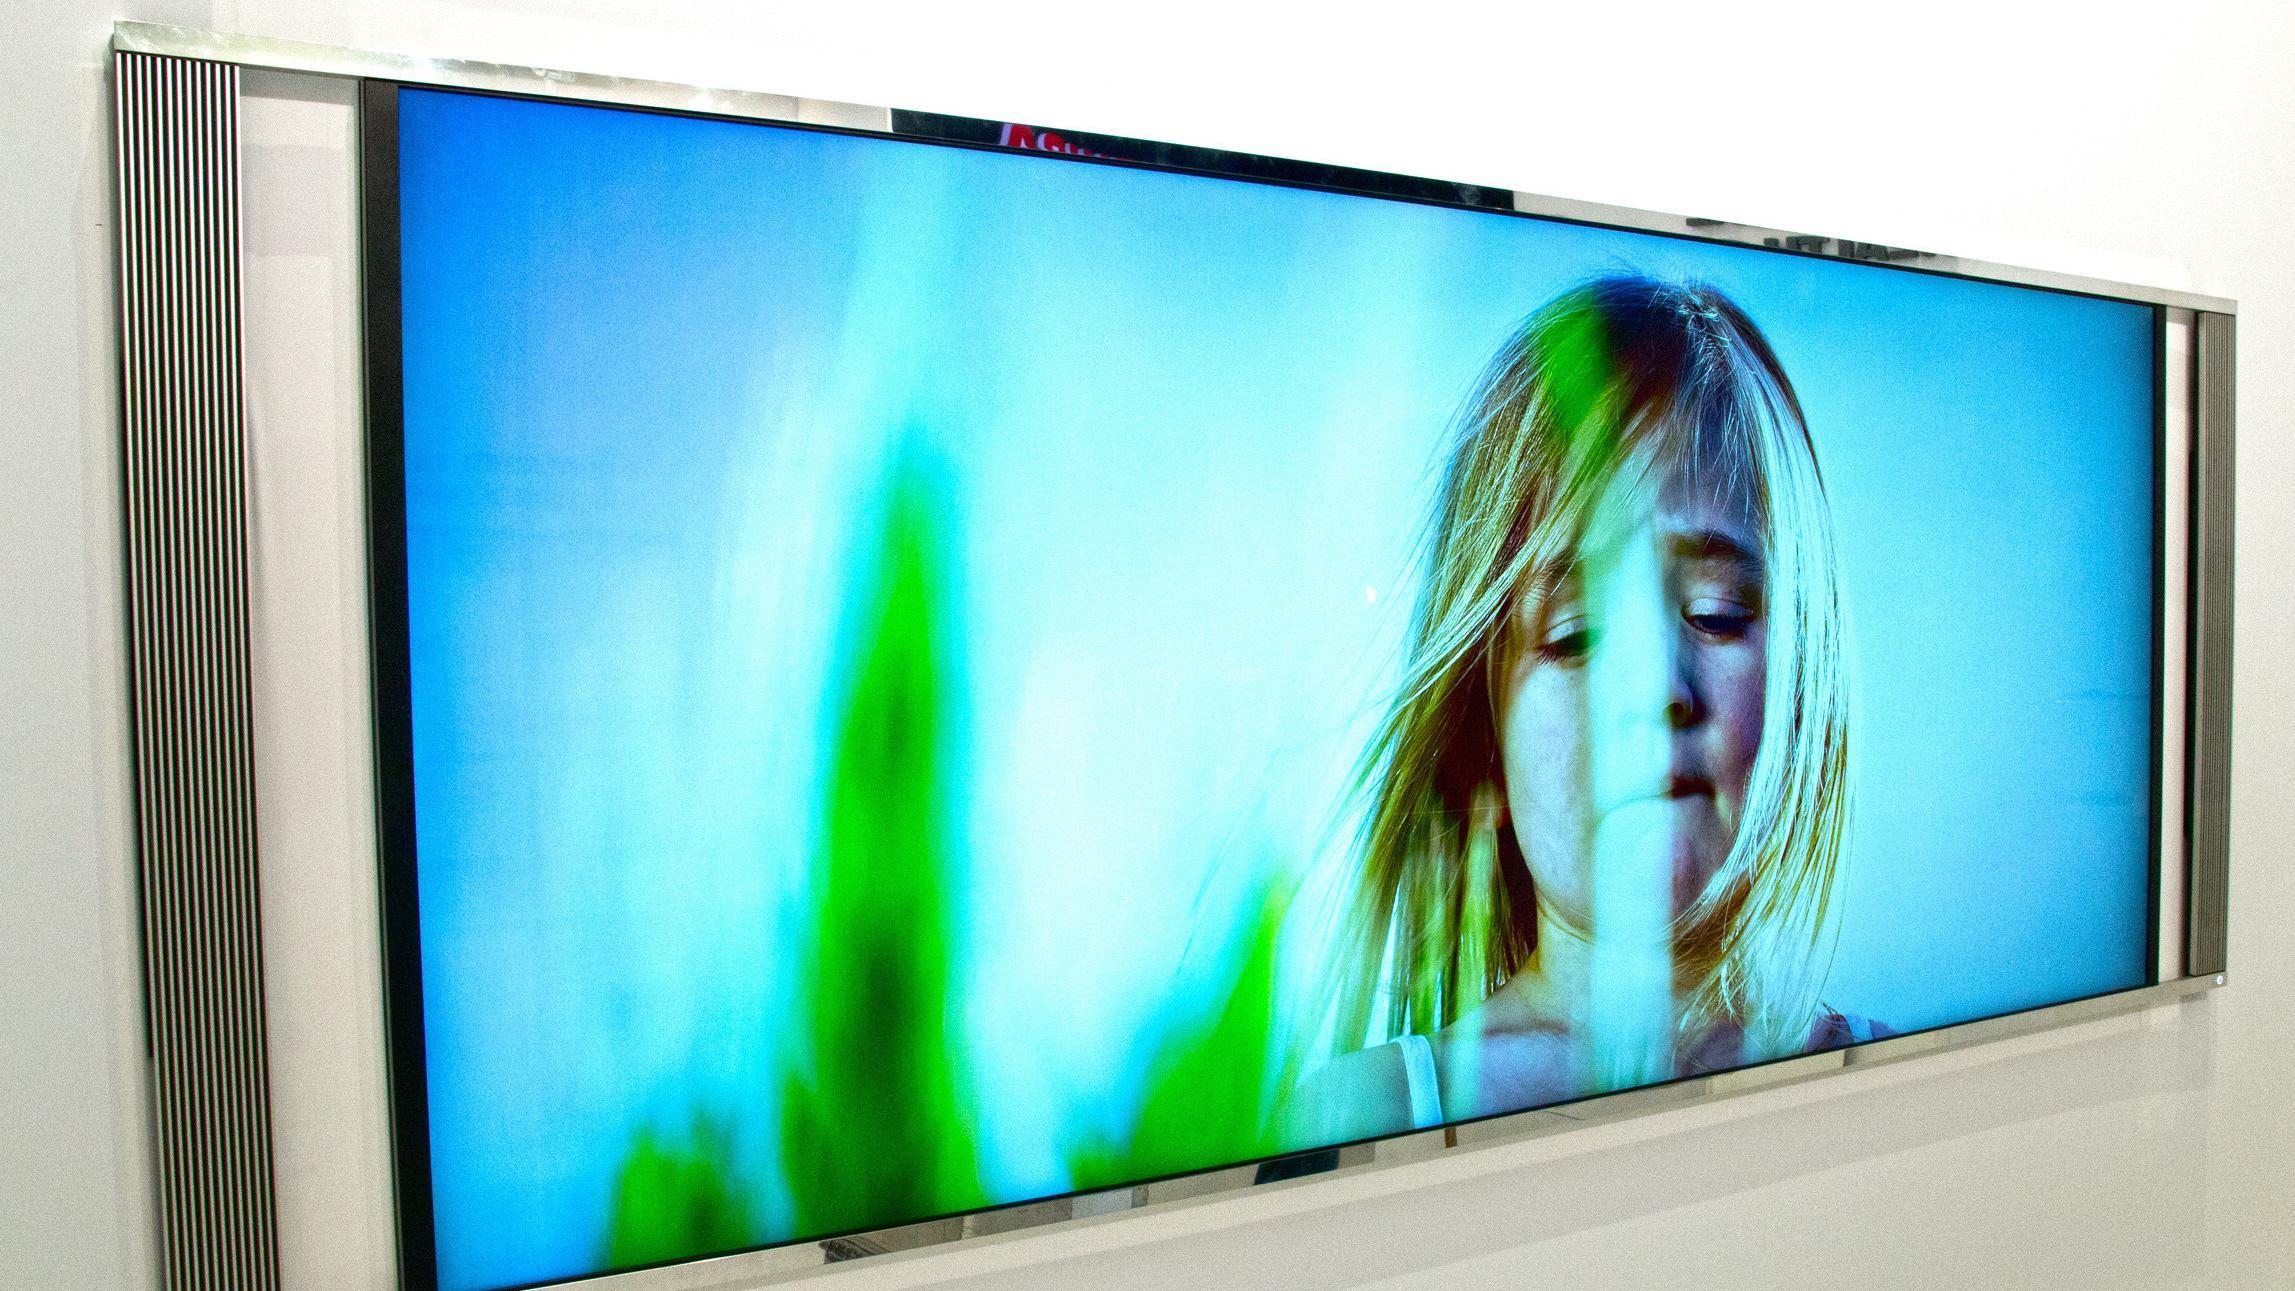 Dette er den lekreste TV-en vi har sett på lenge